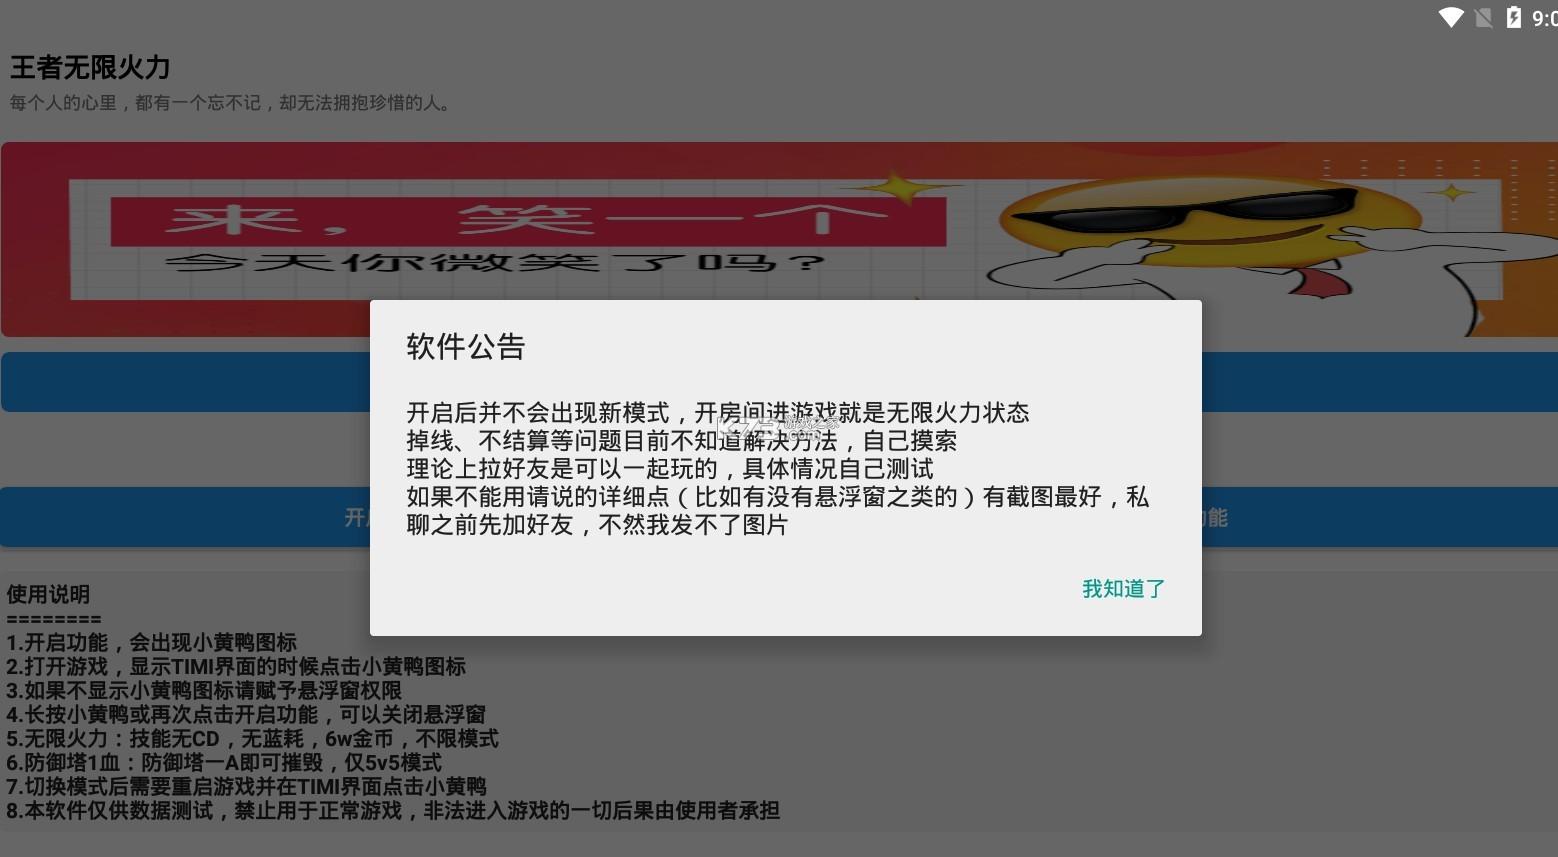 王者荣耀 v1.2 无限火力助手 截图